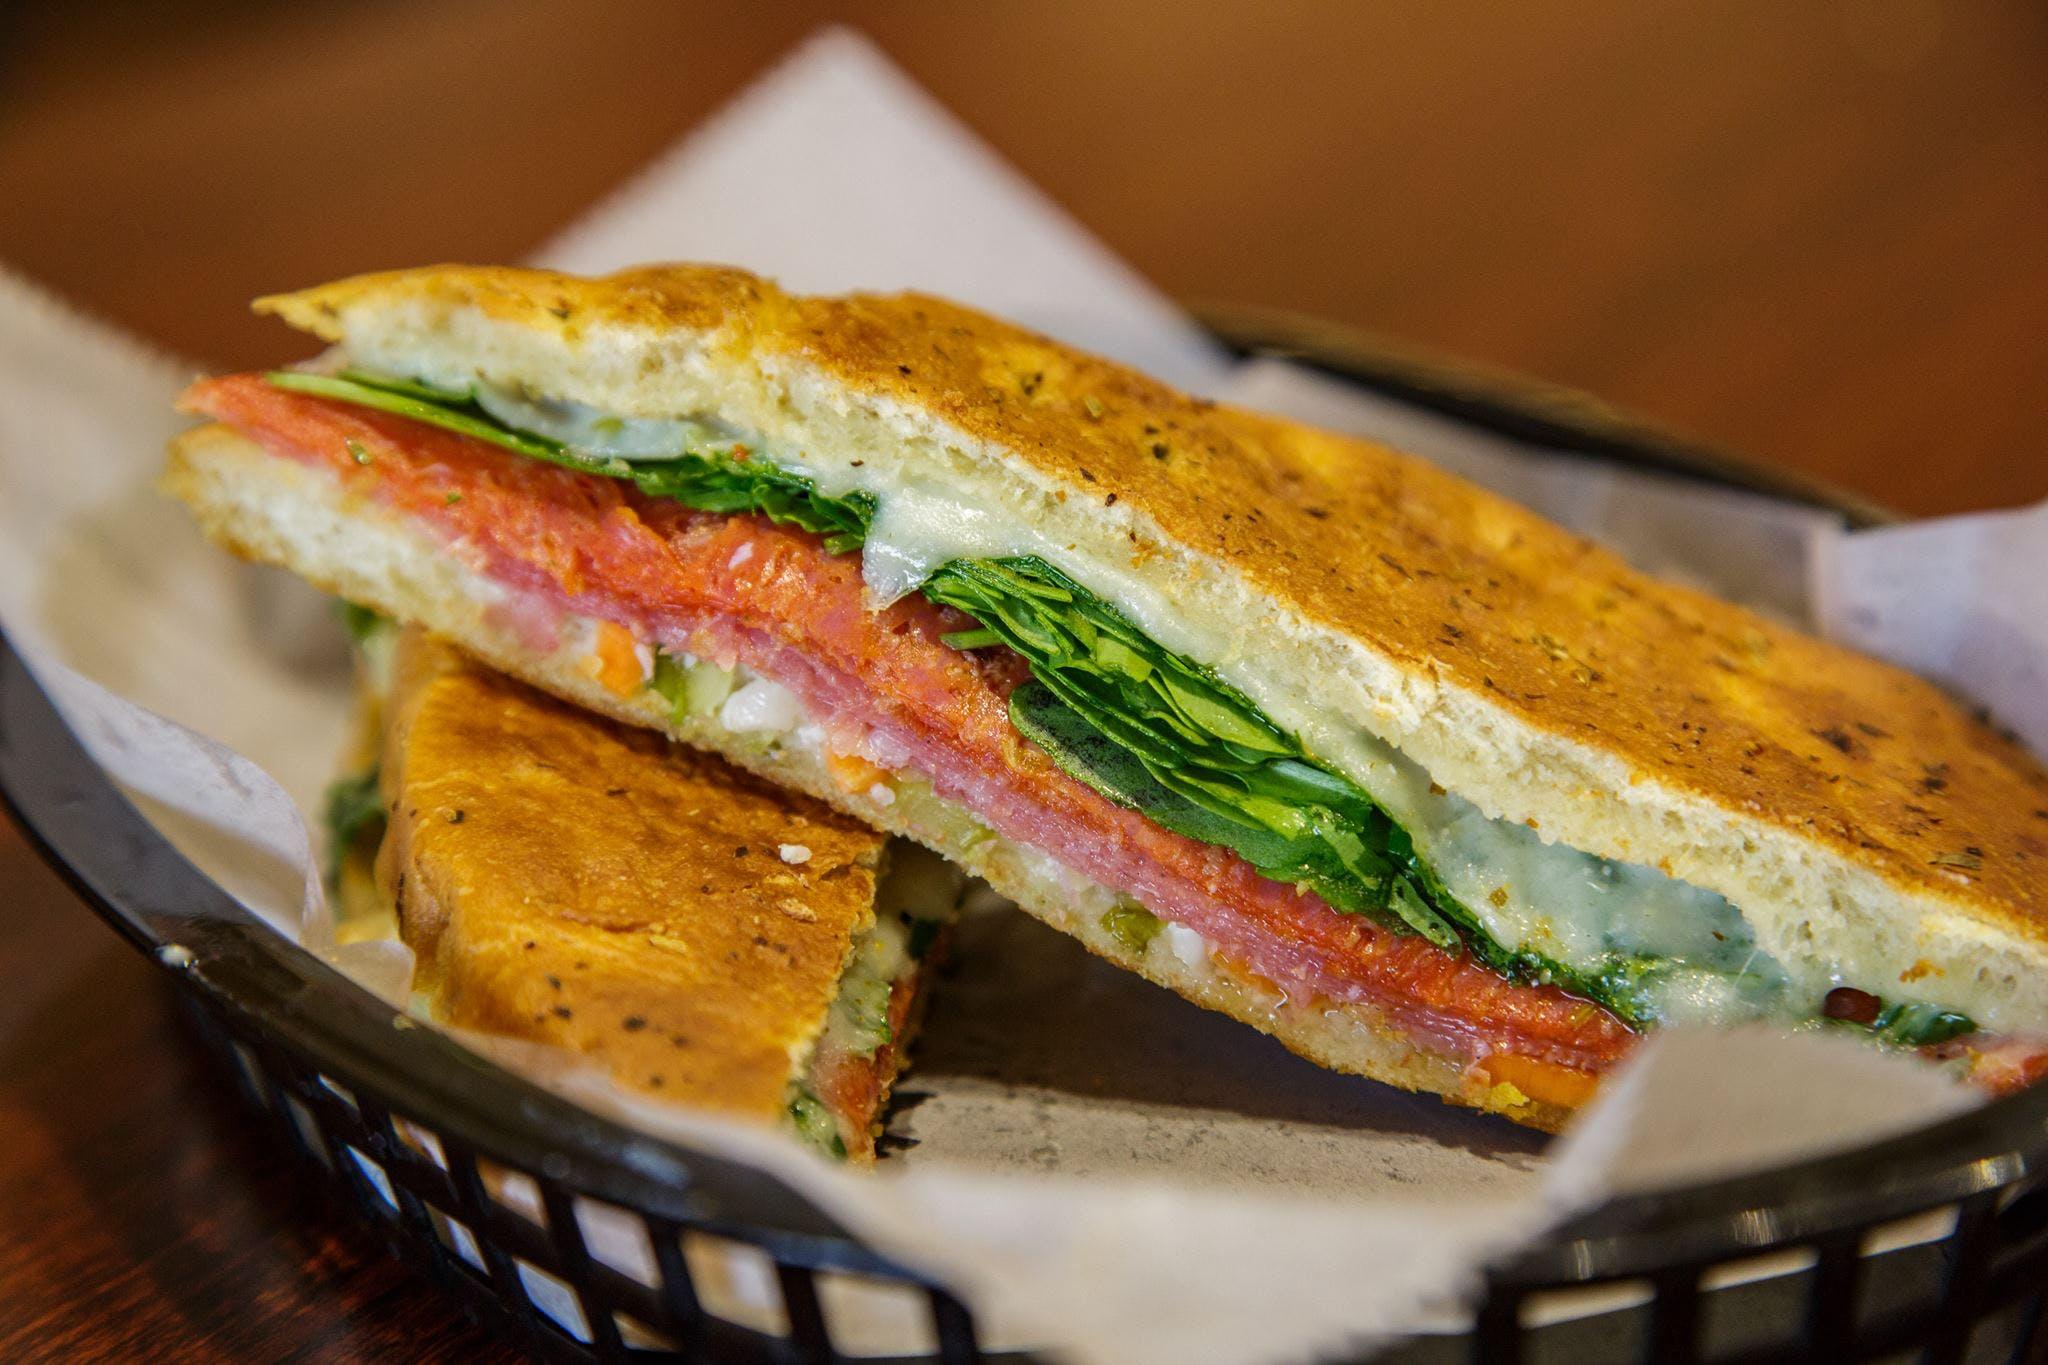 Italian Sandwich from Brennans Market in Madison, WI